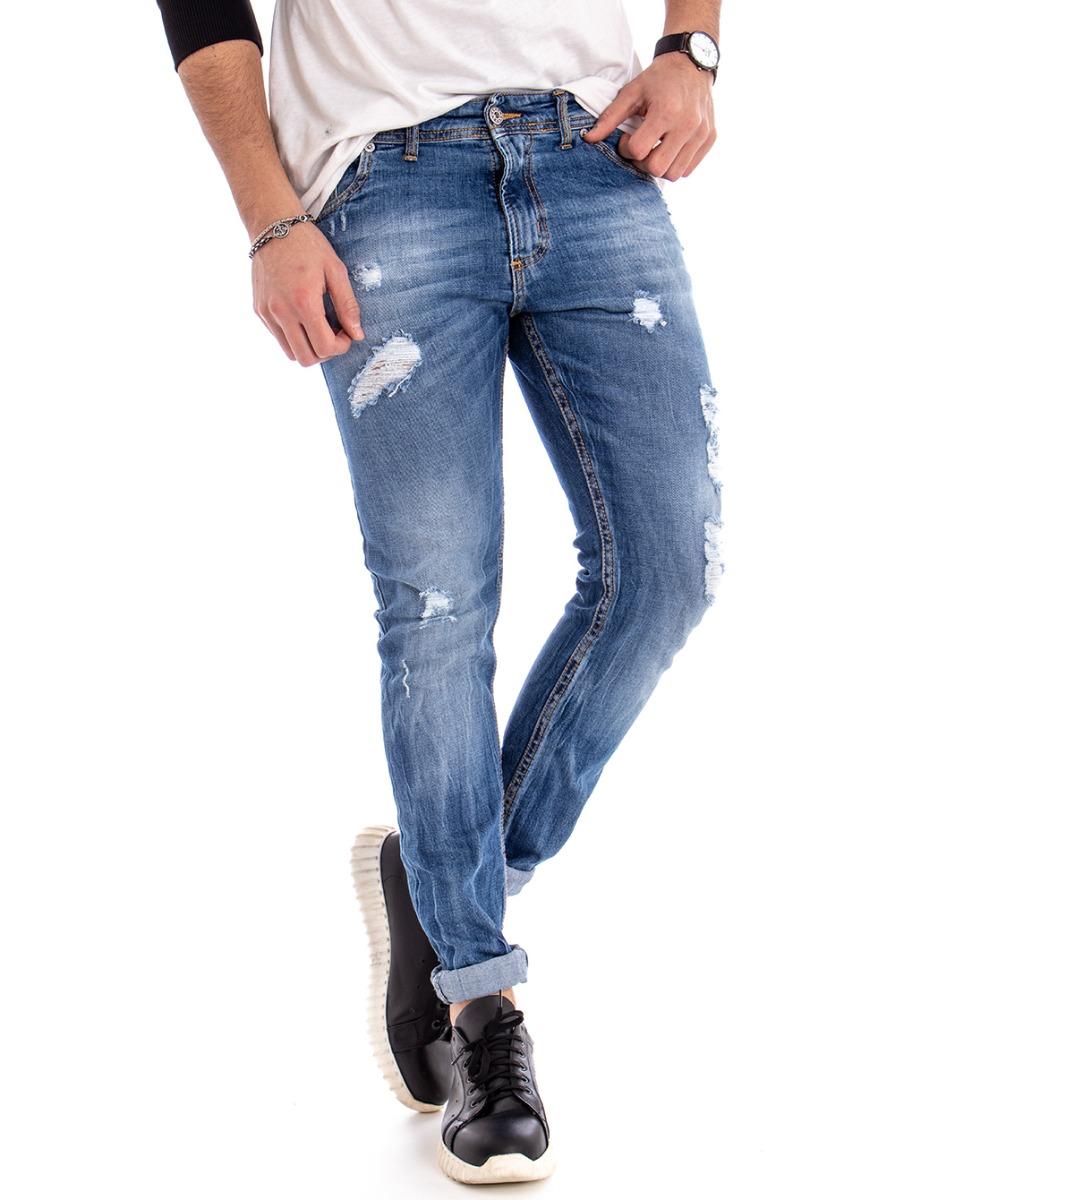 Logico Pantalone Jeans Uomo Denim Akirò Cinque Tasche Rotture Slim Cotone Giosal